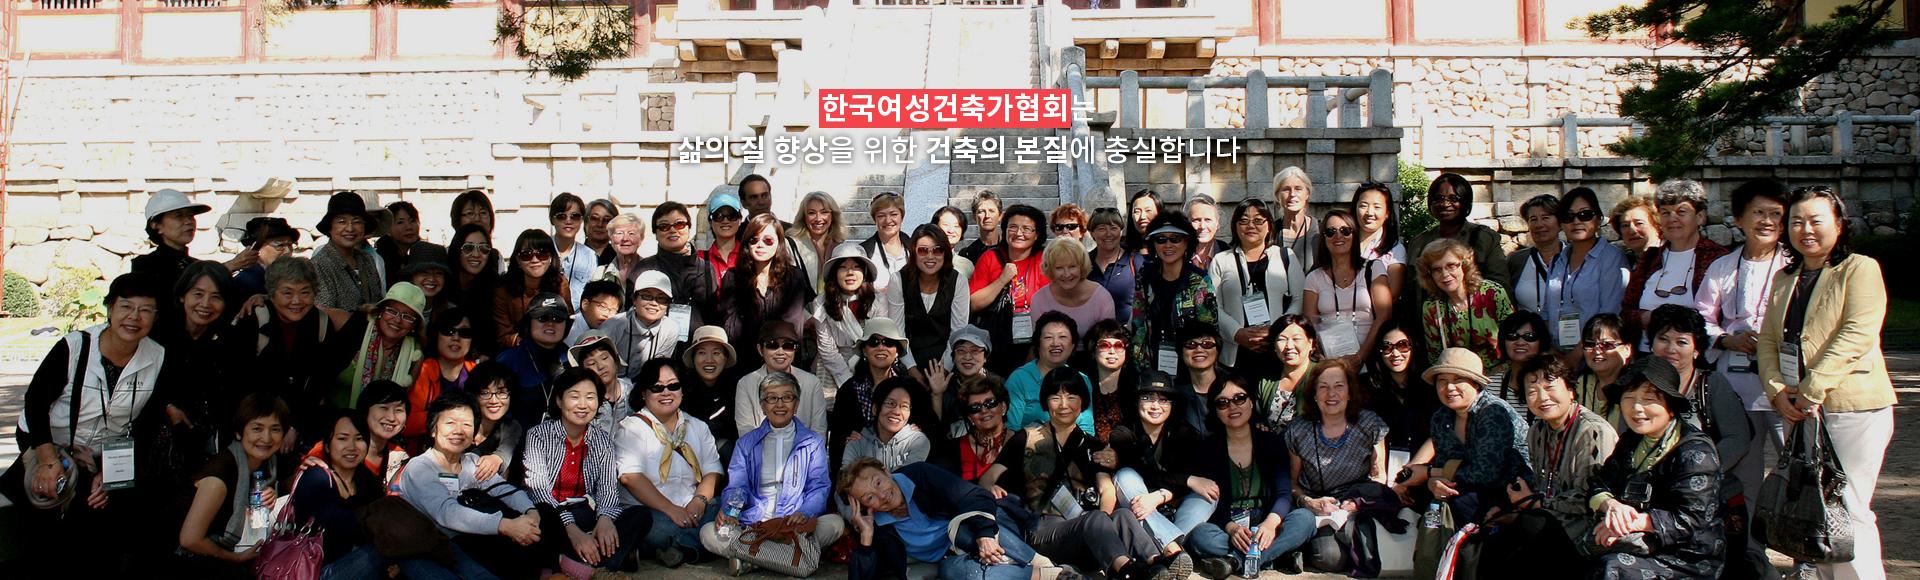 한국여성건축가협회는 삶의 질 향상을 위한 건축의 본질에 충실합니다배너 이미지